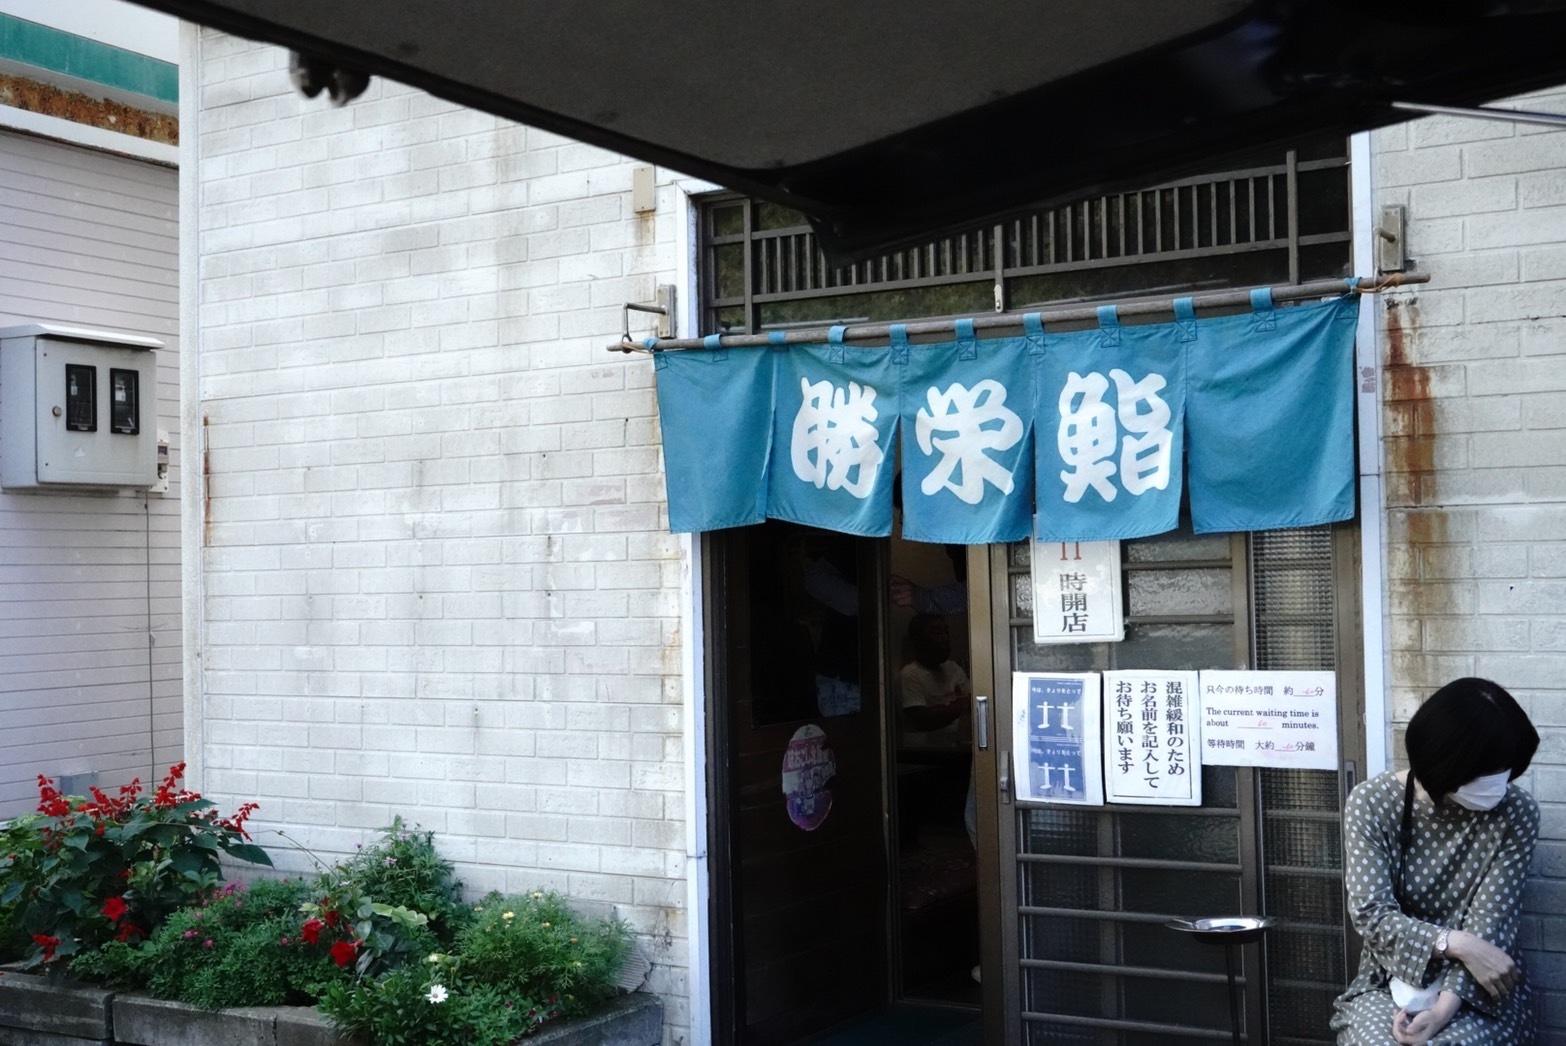 積丹半島回って美味しい寿司をを食べに行こう!_c0226202_06360077.jpeg